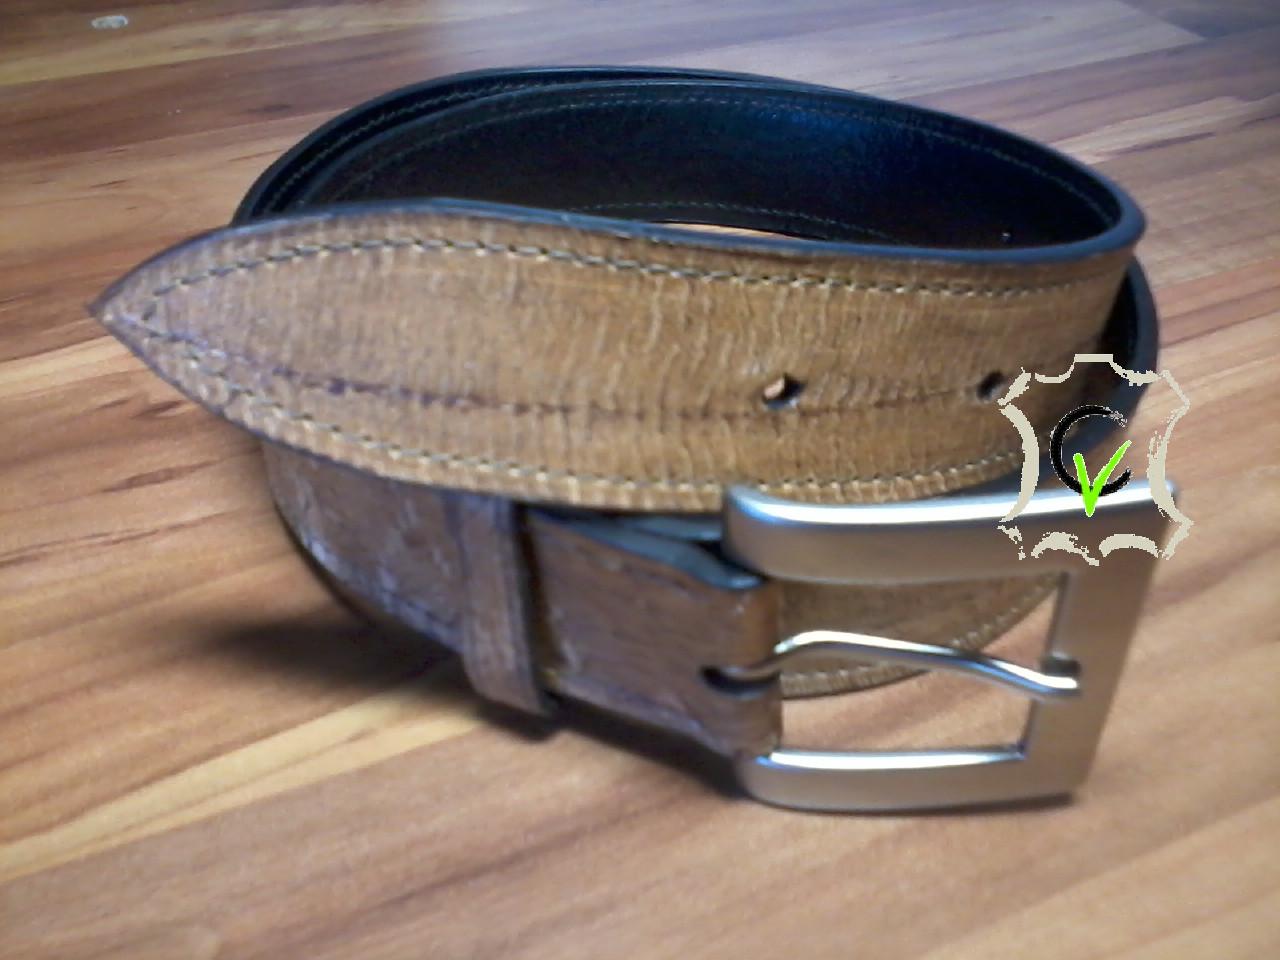 ceinture en cuir de carpes de Dombes doublée cuir vachette, boucle carrée  bords larges argentée 30mm